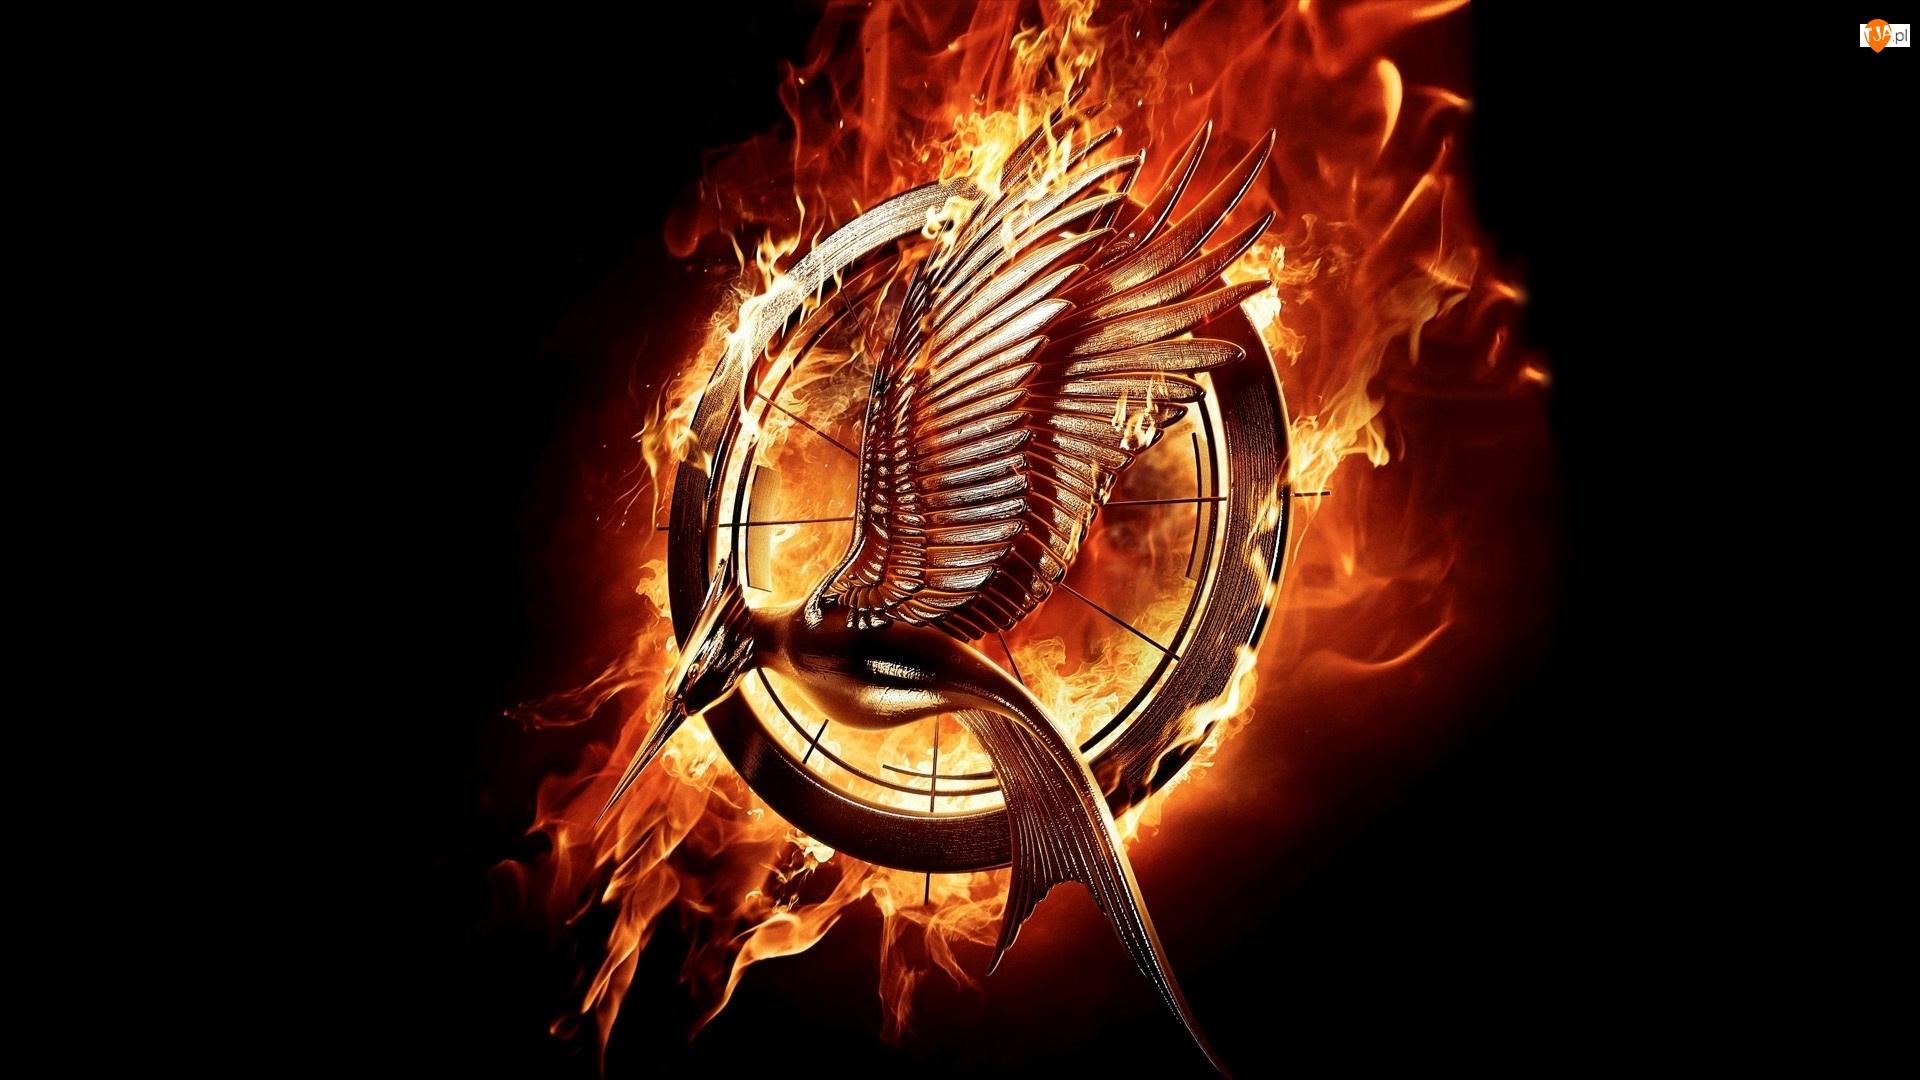 Igrzyska śmierci: W pierścieniu ognia, Ogień